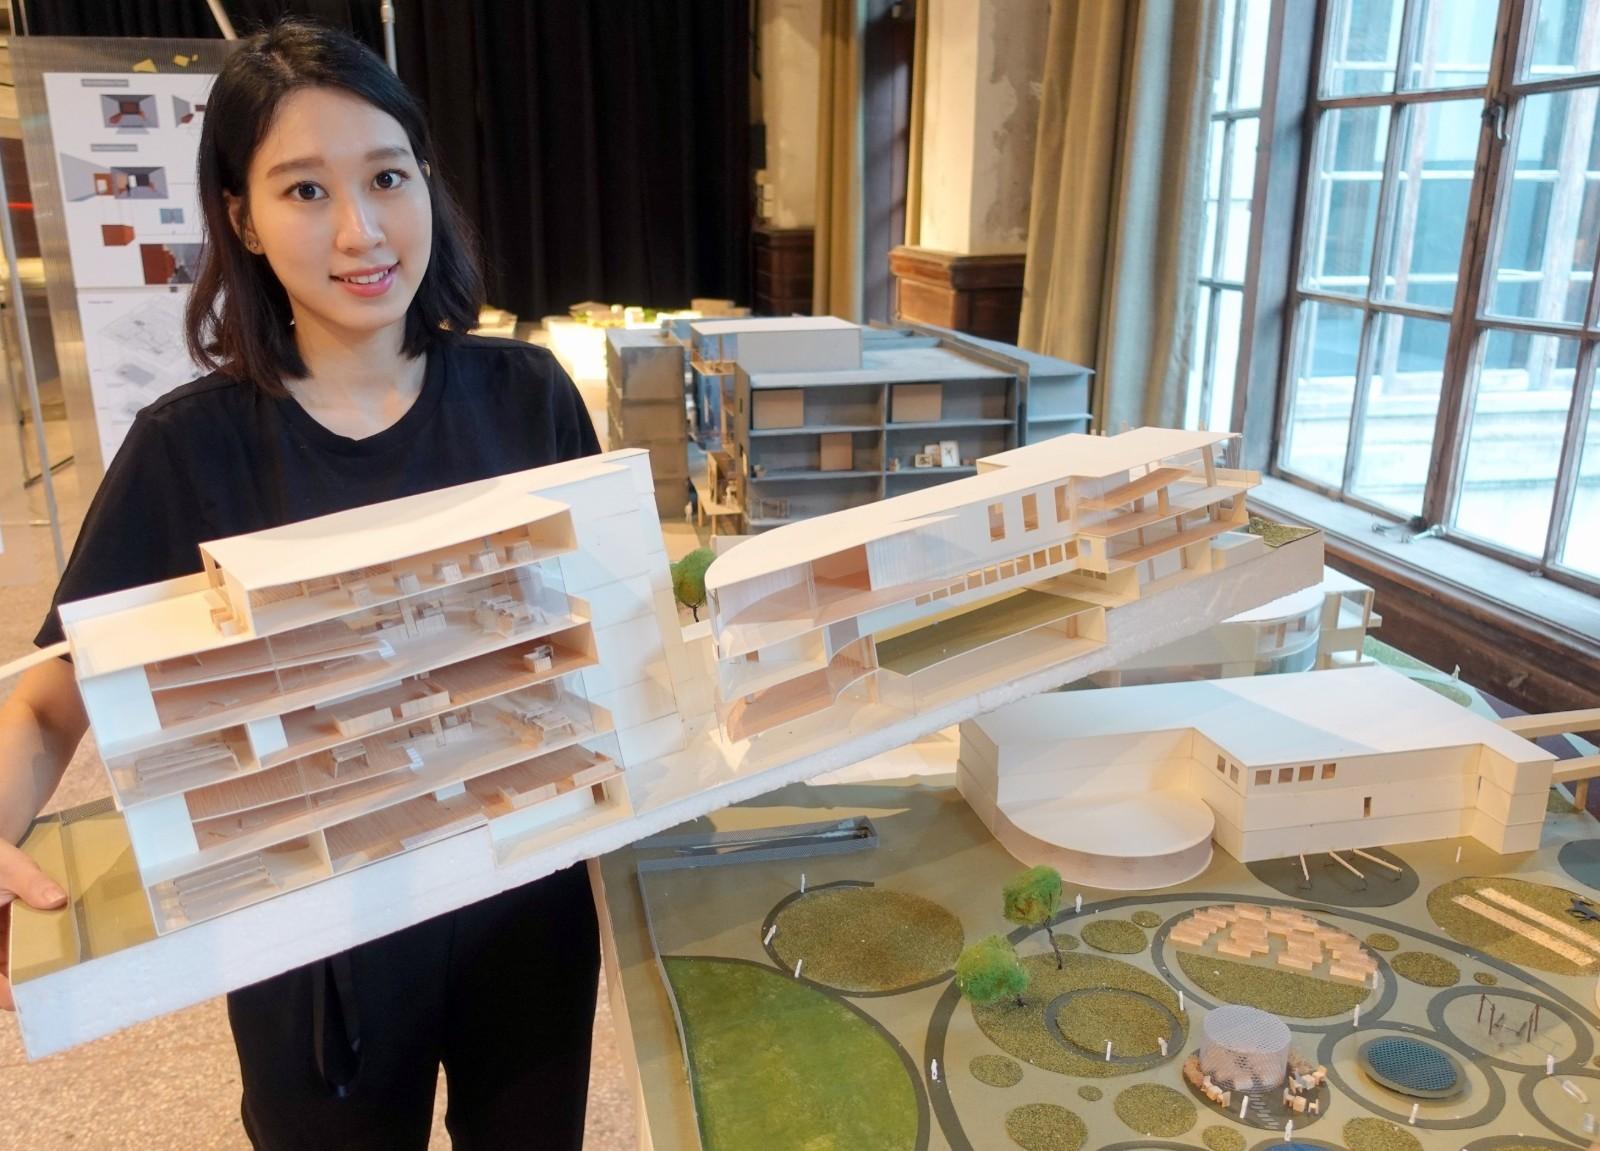 賴俐安以老年生活照護為題,探討如何將都市閒置空間有效結合幼兒照護與銀髮族長照.JPG